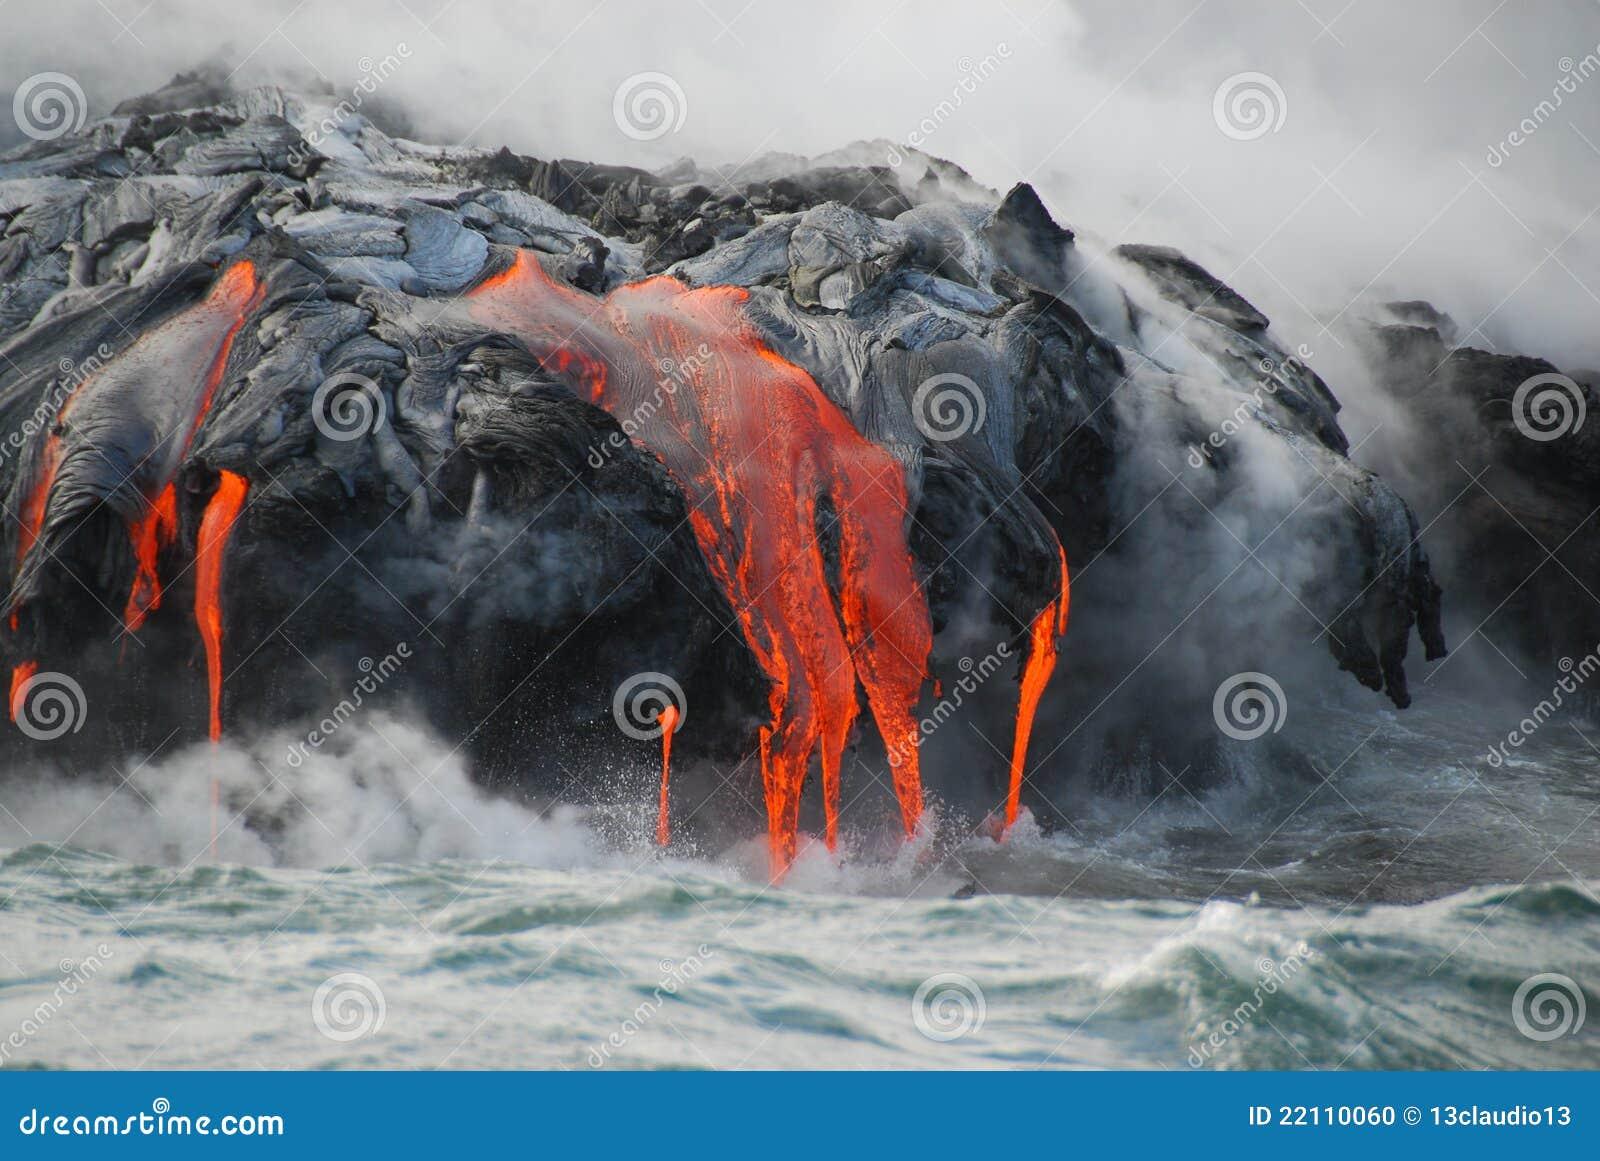 конец пропускает пар океана лавы множественный вверх